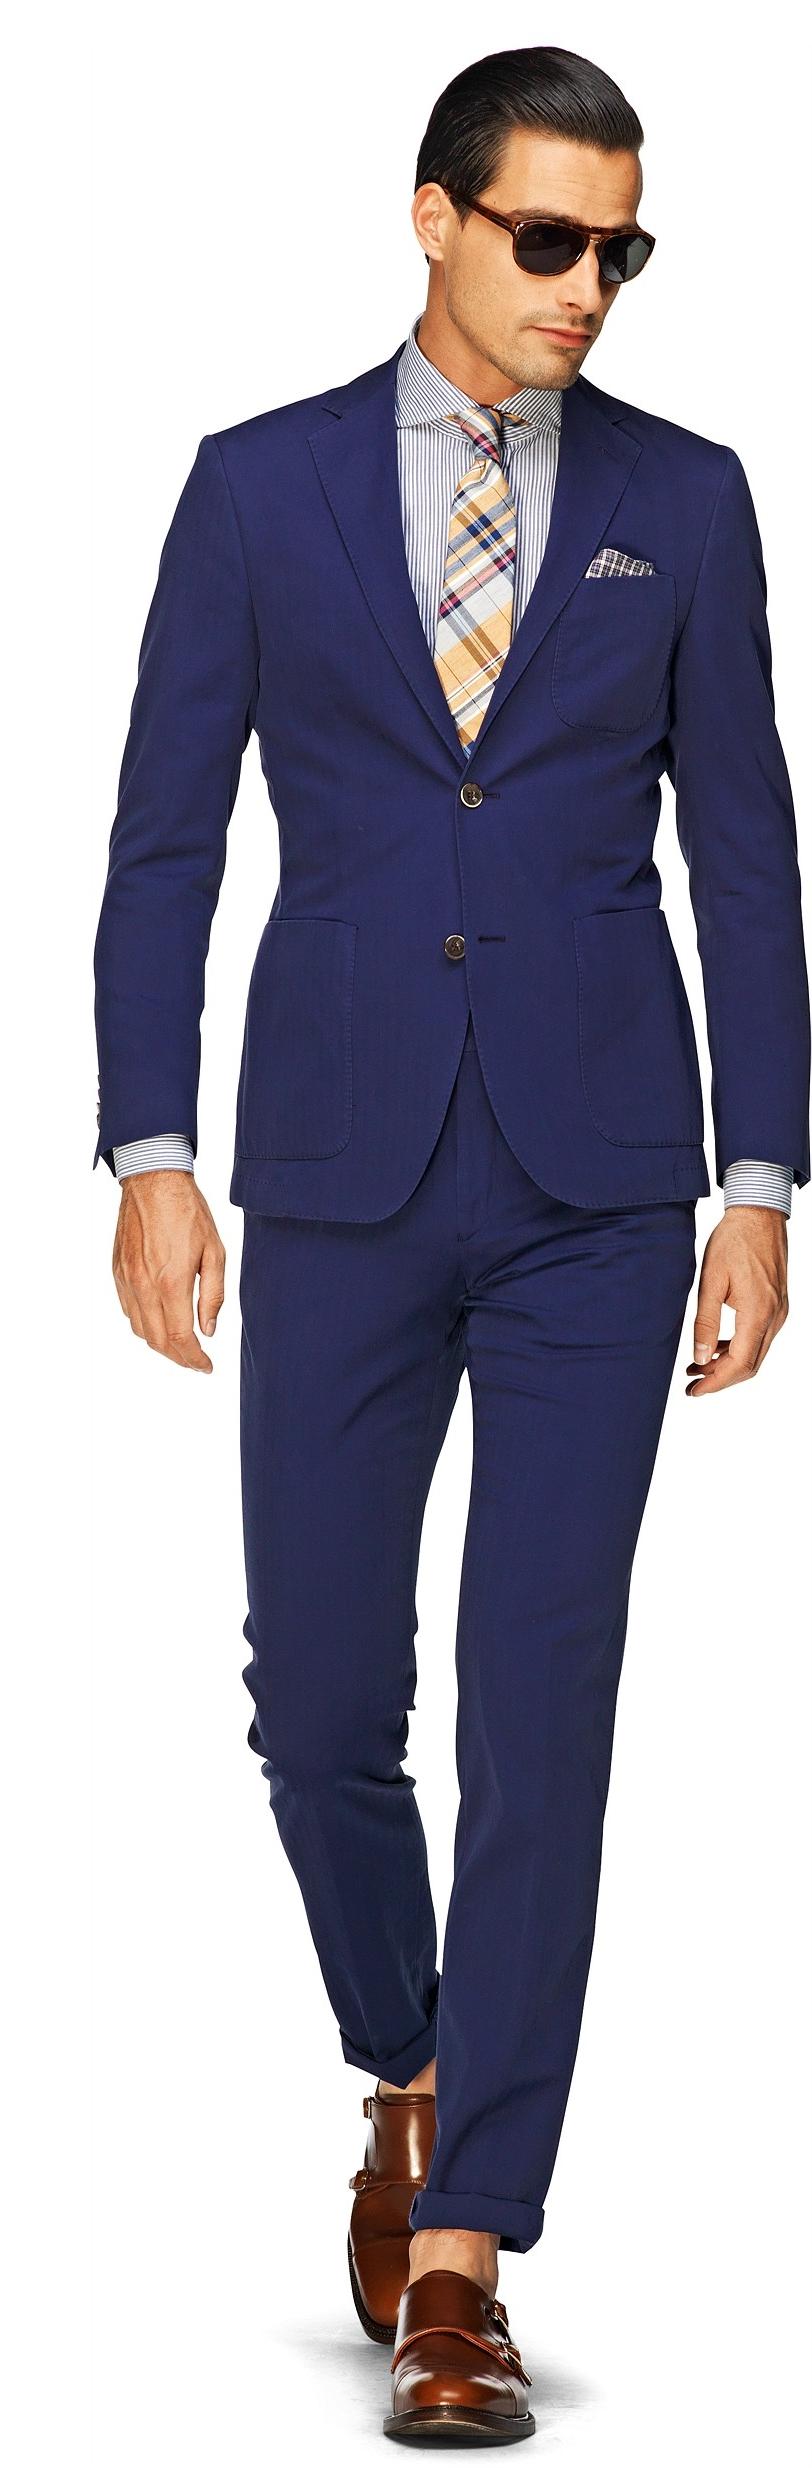 cadf242ed21 Как должен сидеть пиджак - руководство для мужчины как выбрать ...